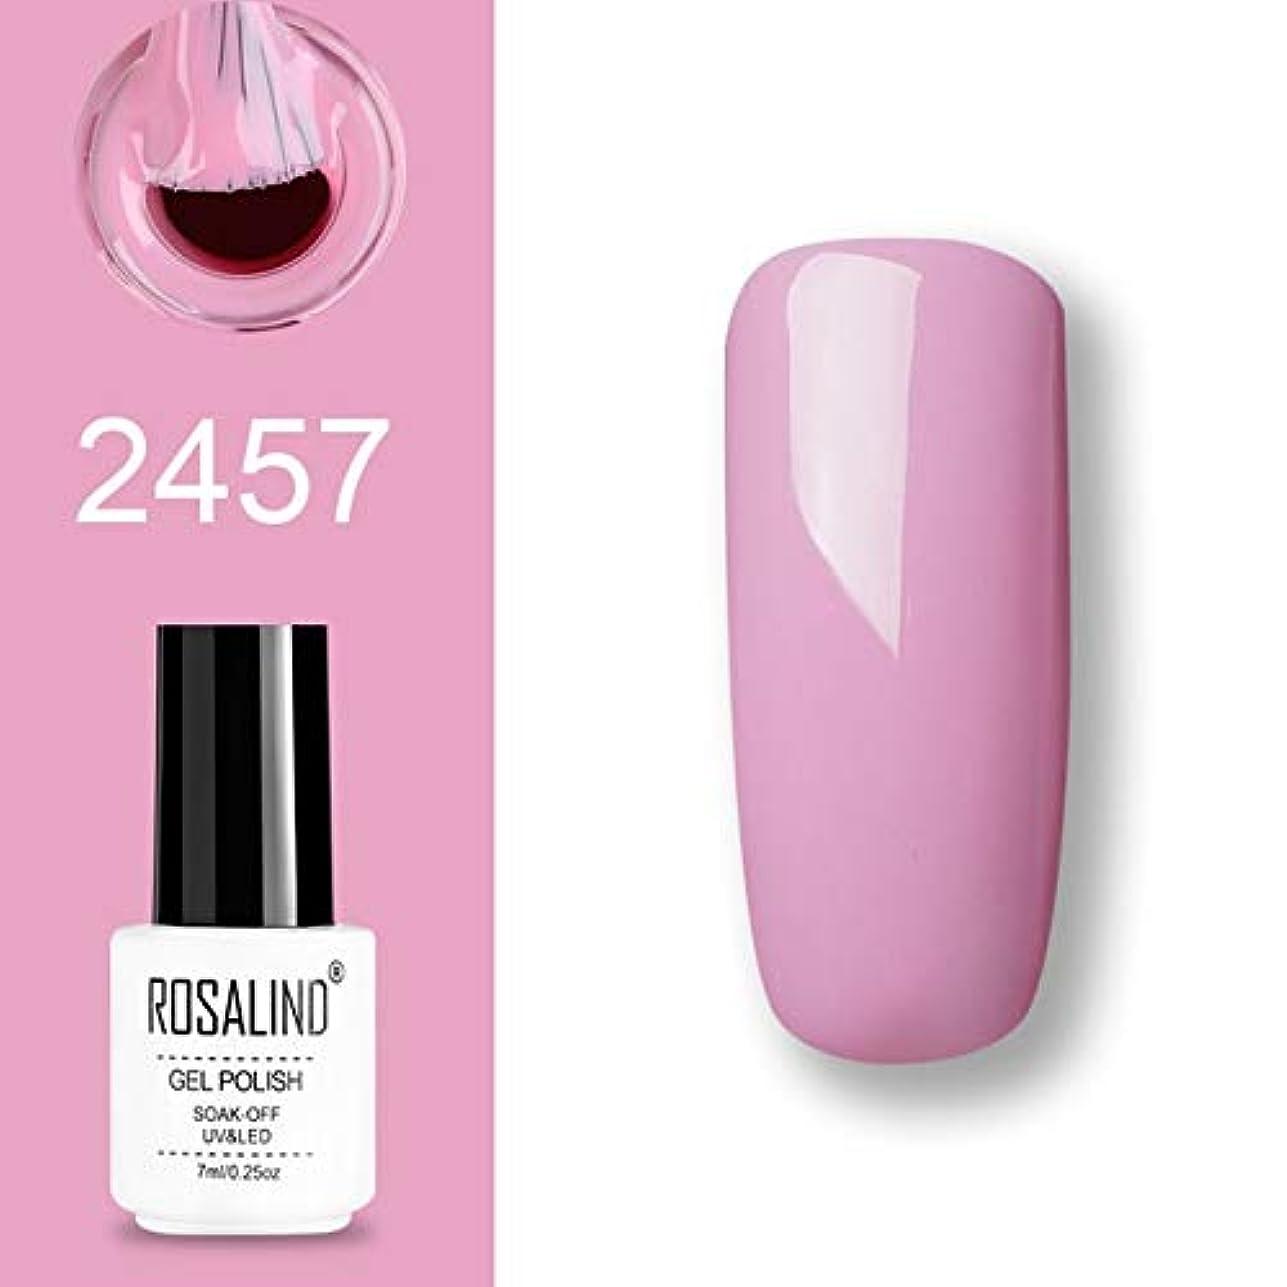 歌詞聖人一ファッションアイテム ROSALINDジェルポリッシュセットUVセミパーマネントプライマートップコートポリジェルニスネイルアートマニキュアジェル、ピンク、容量:7ml 2457。 環境に優しいマニキュア